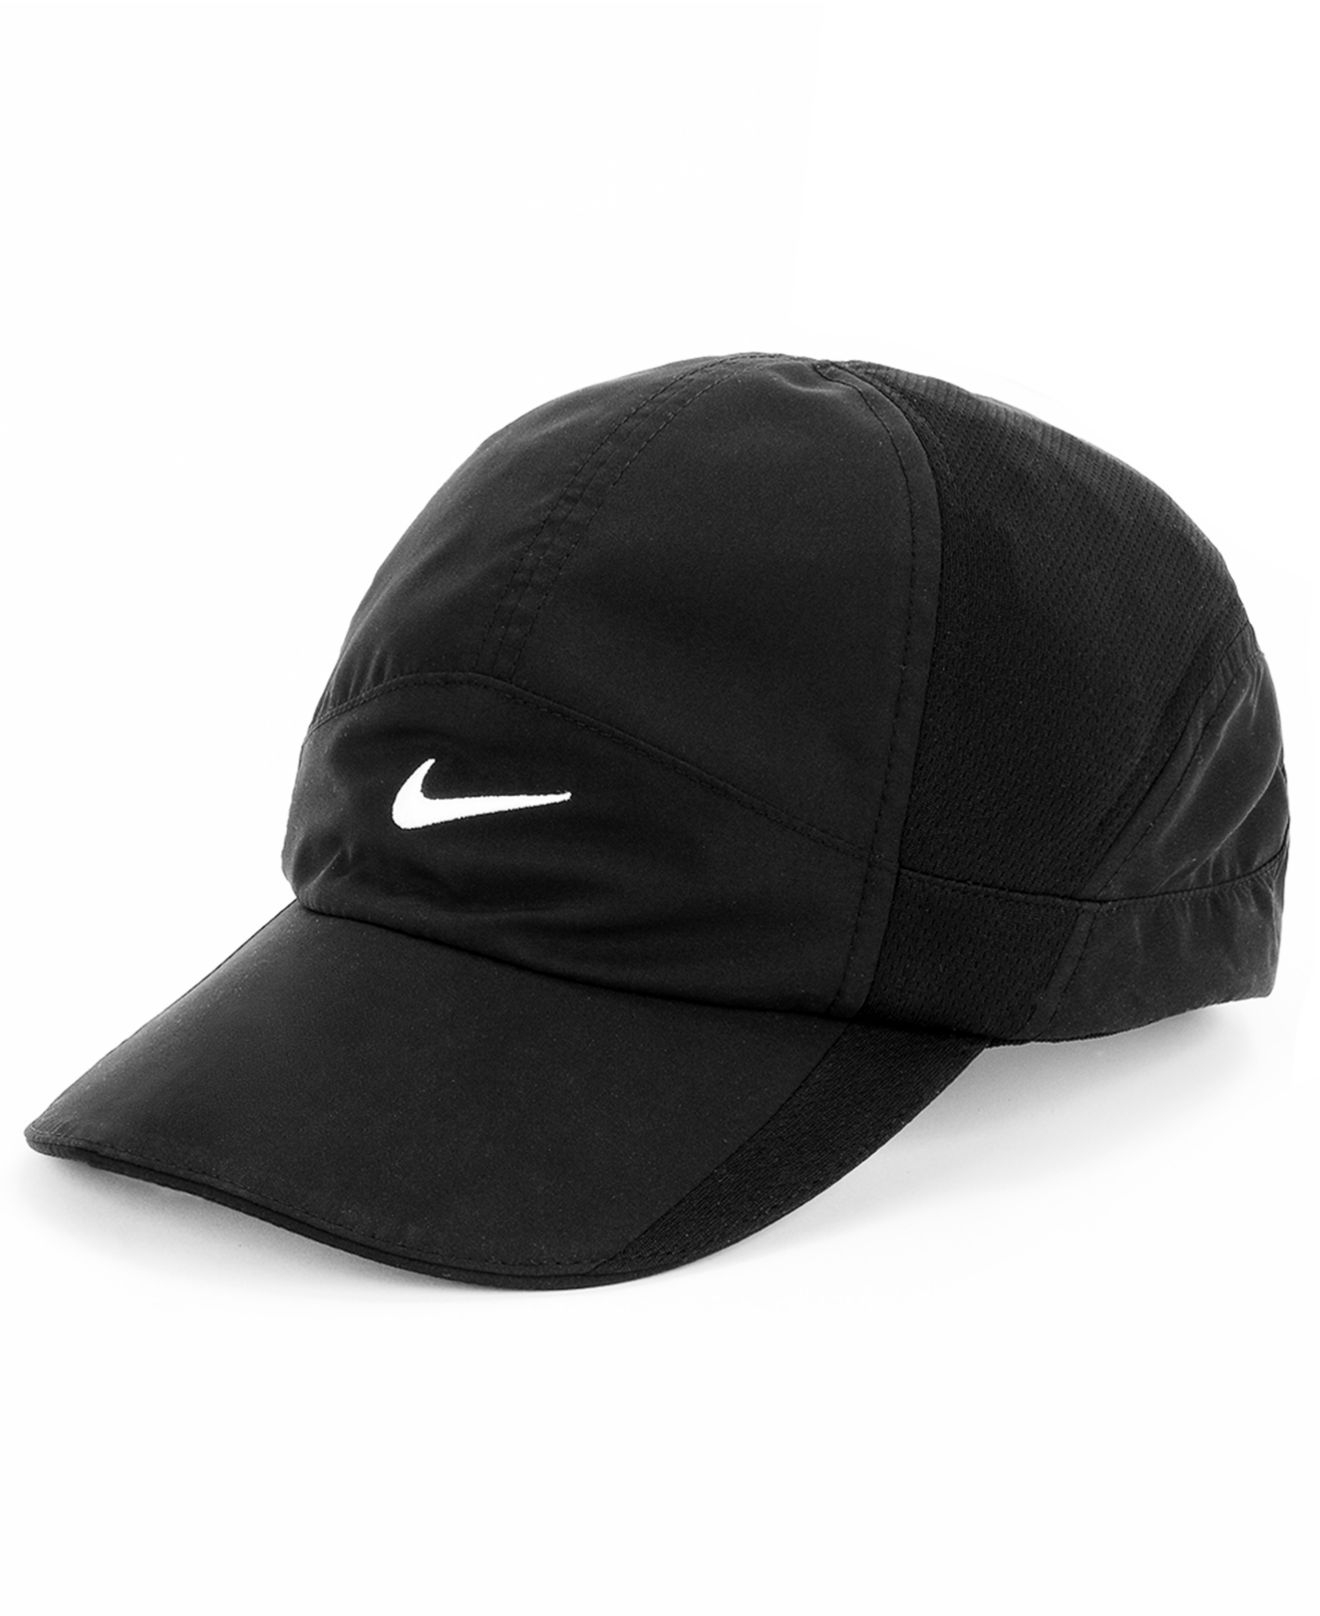 Lyst - Nike Featherlight 2.0 Dri-Fit Sports Cap in Black 4e638e64d8c